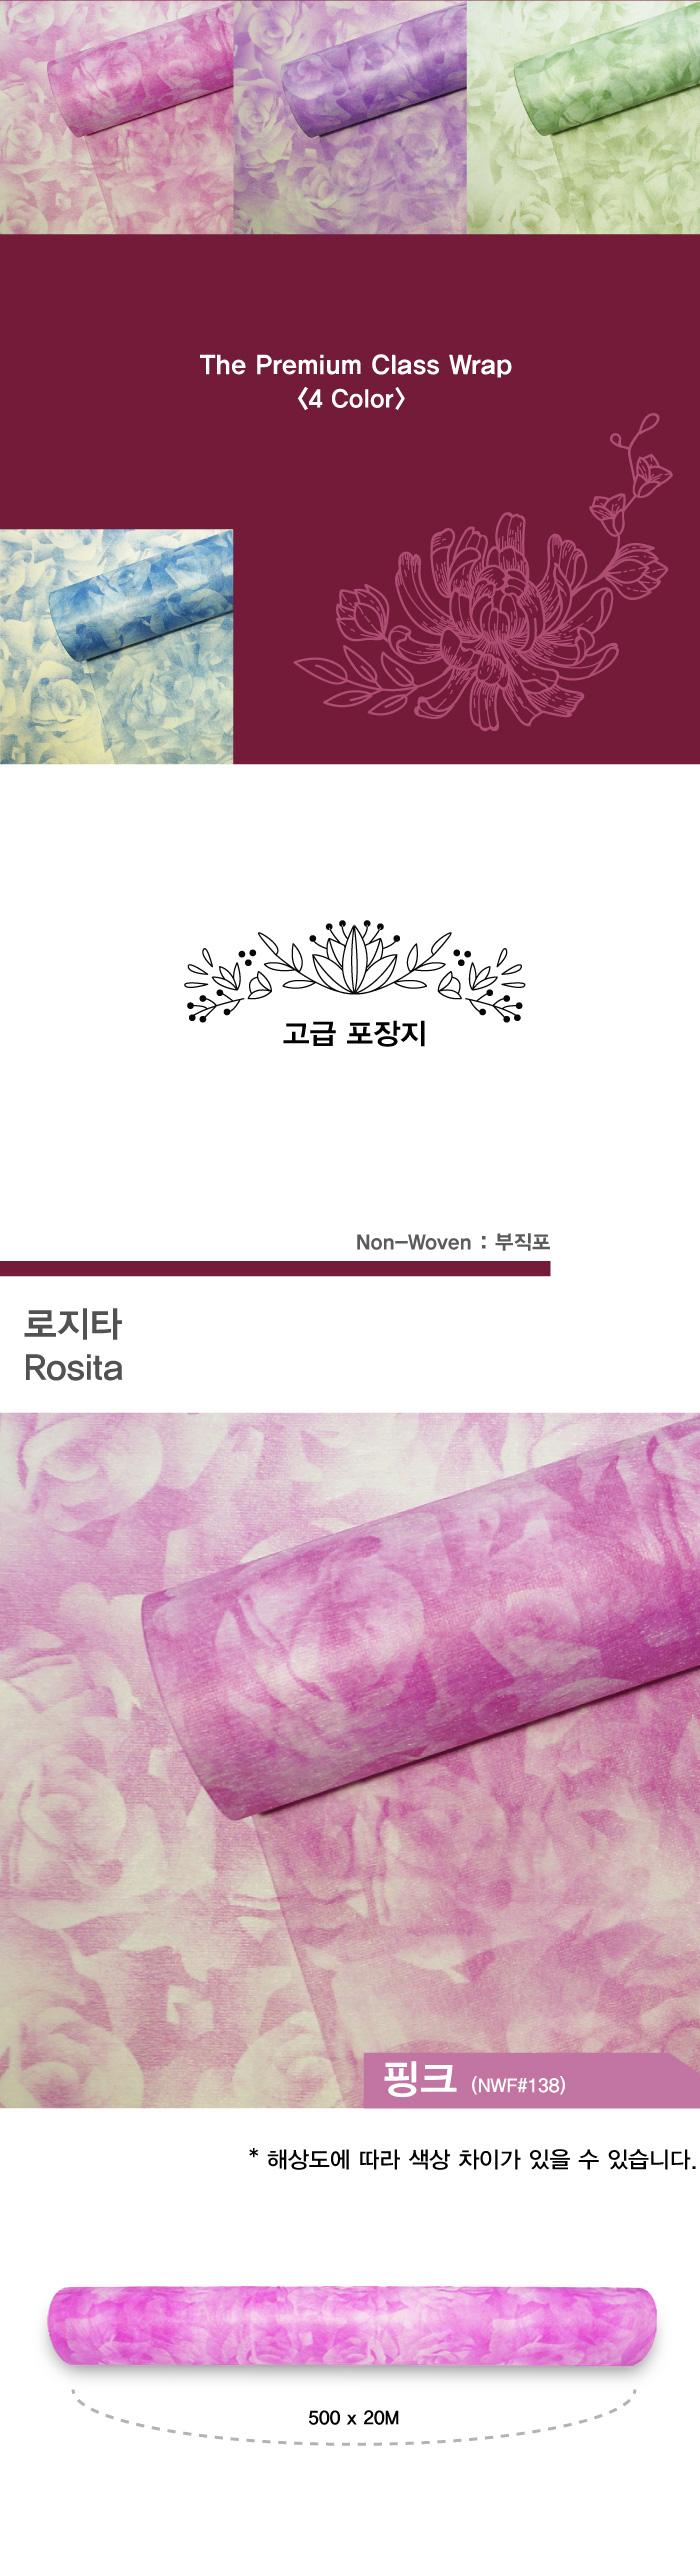 1.로지타-핑크